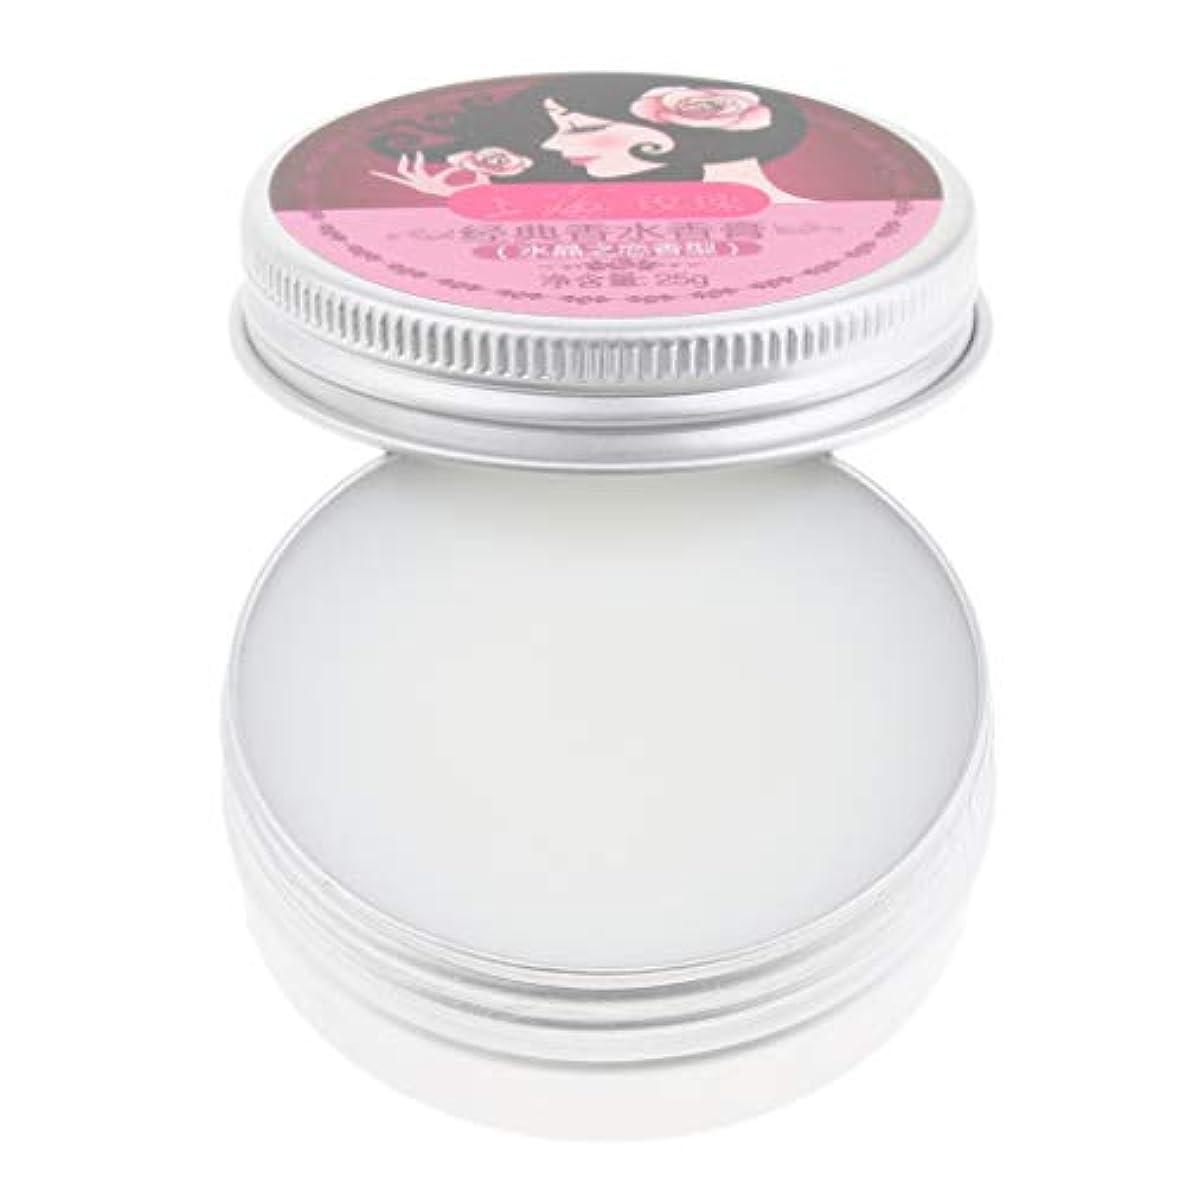 自治つば封筒Baoblaze 女性 香水クリーム 手作り香水 自然な香り 長持ち 練り香水 3タイプ選べ - #2